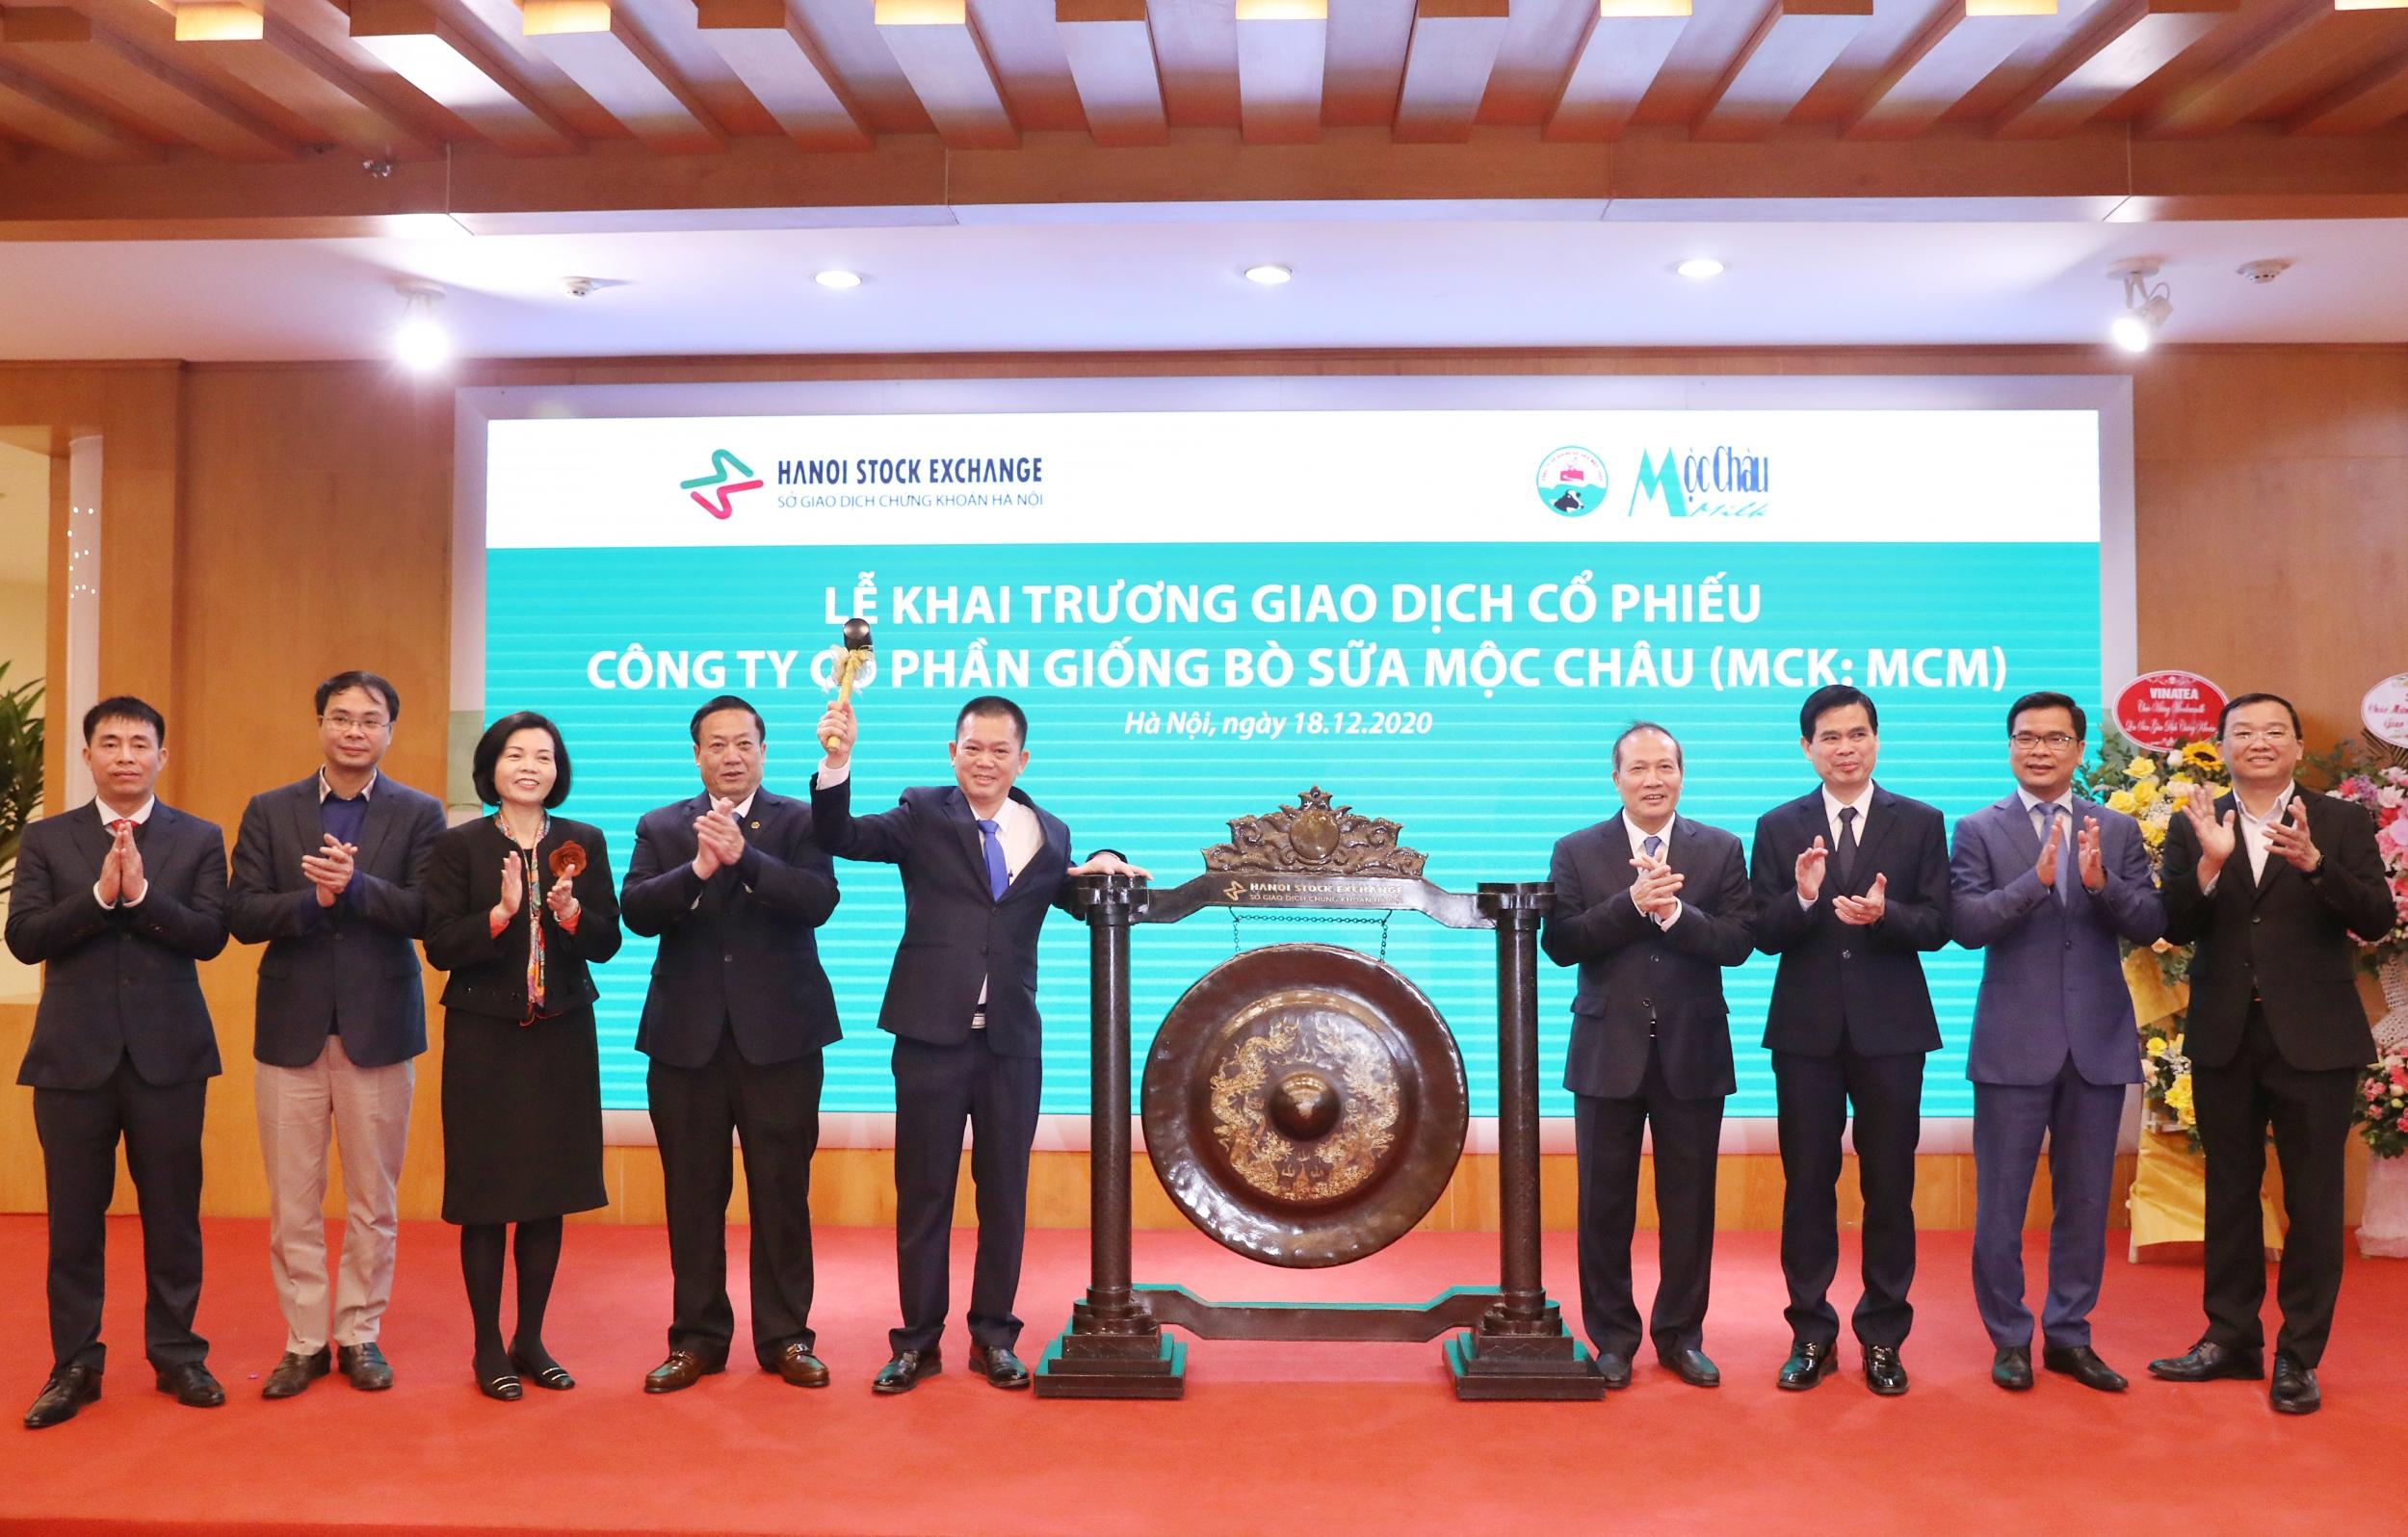 Tổng Giám đốc công ty Mộc Châu Milk thực hiện nghi thức đánh cồng, chính thức khai trương giao dịch cổ phiếu MCM trên sàn UPCOM